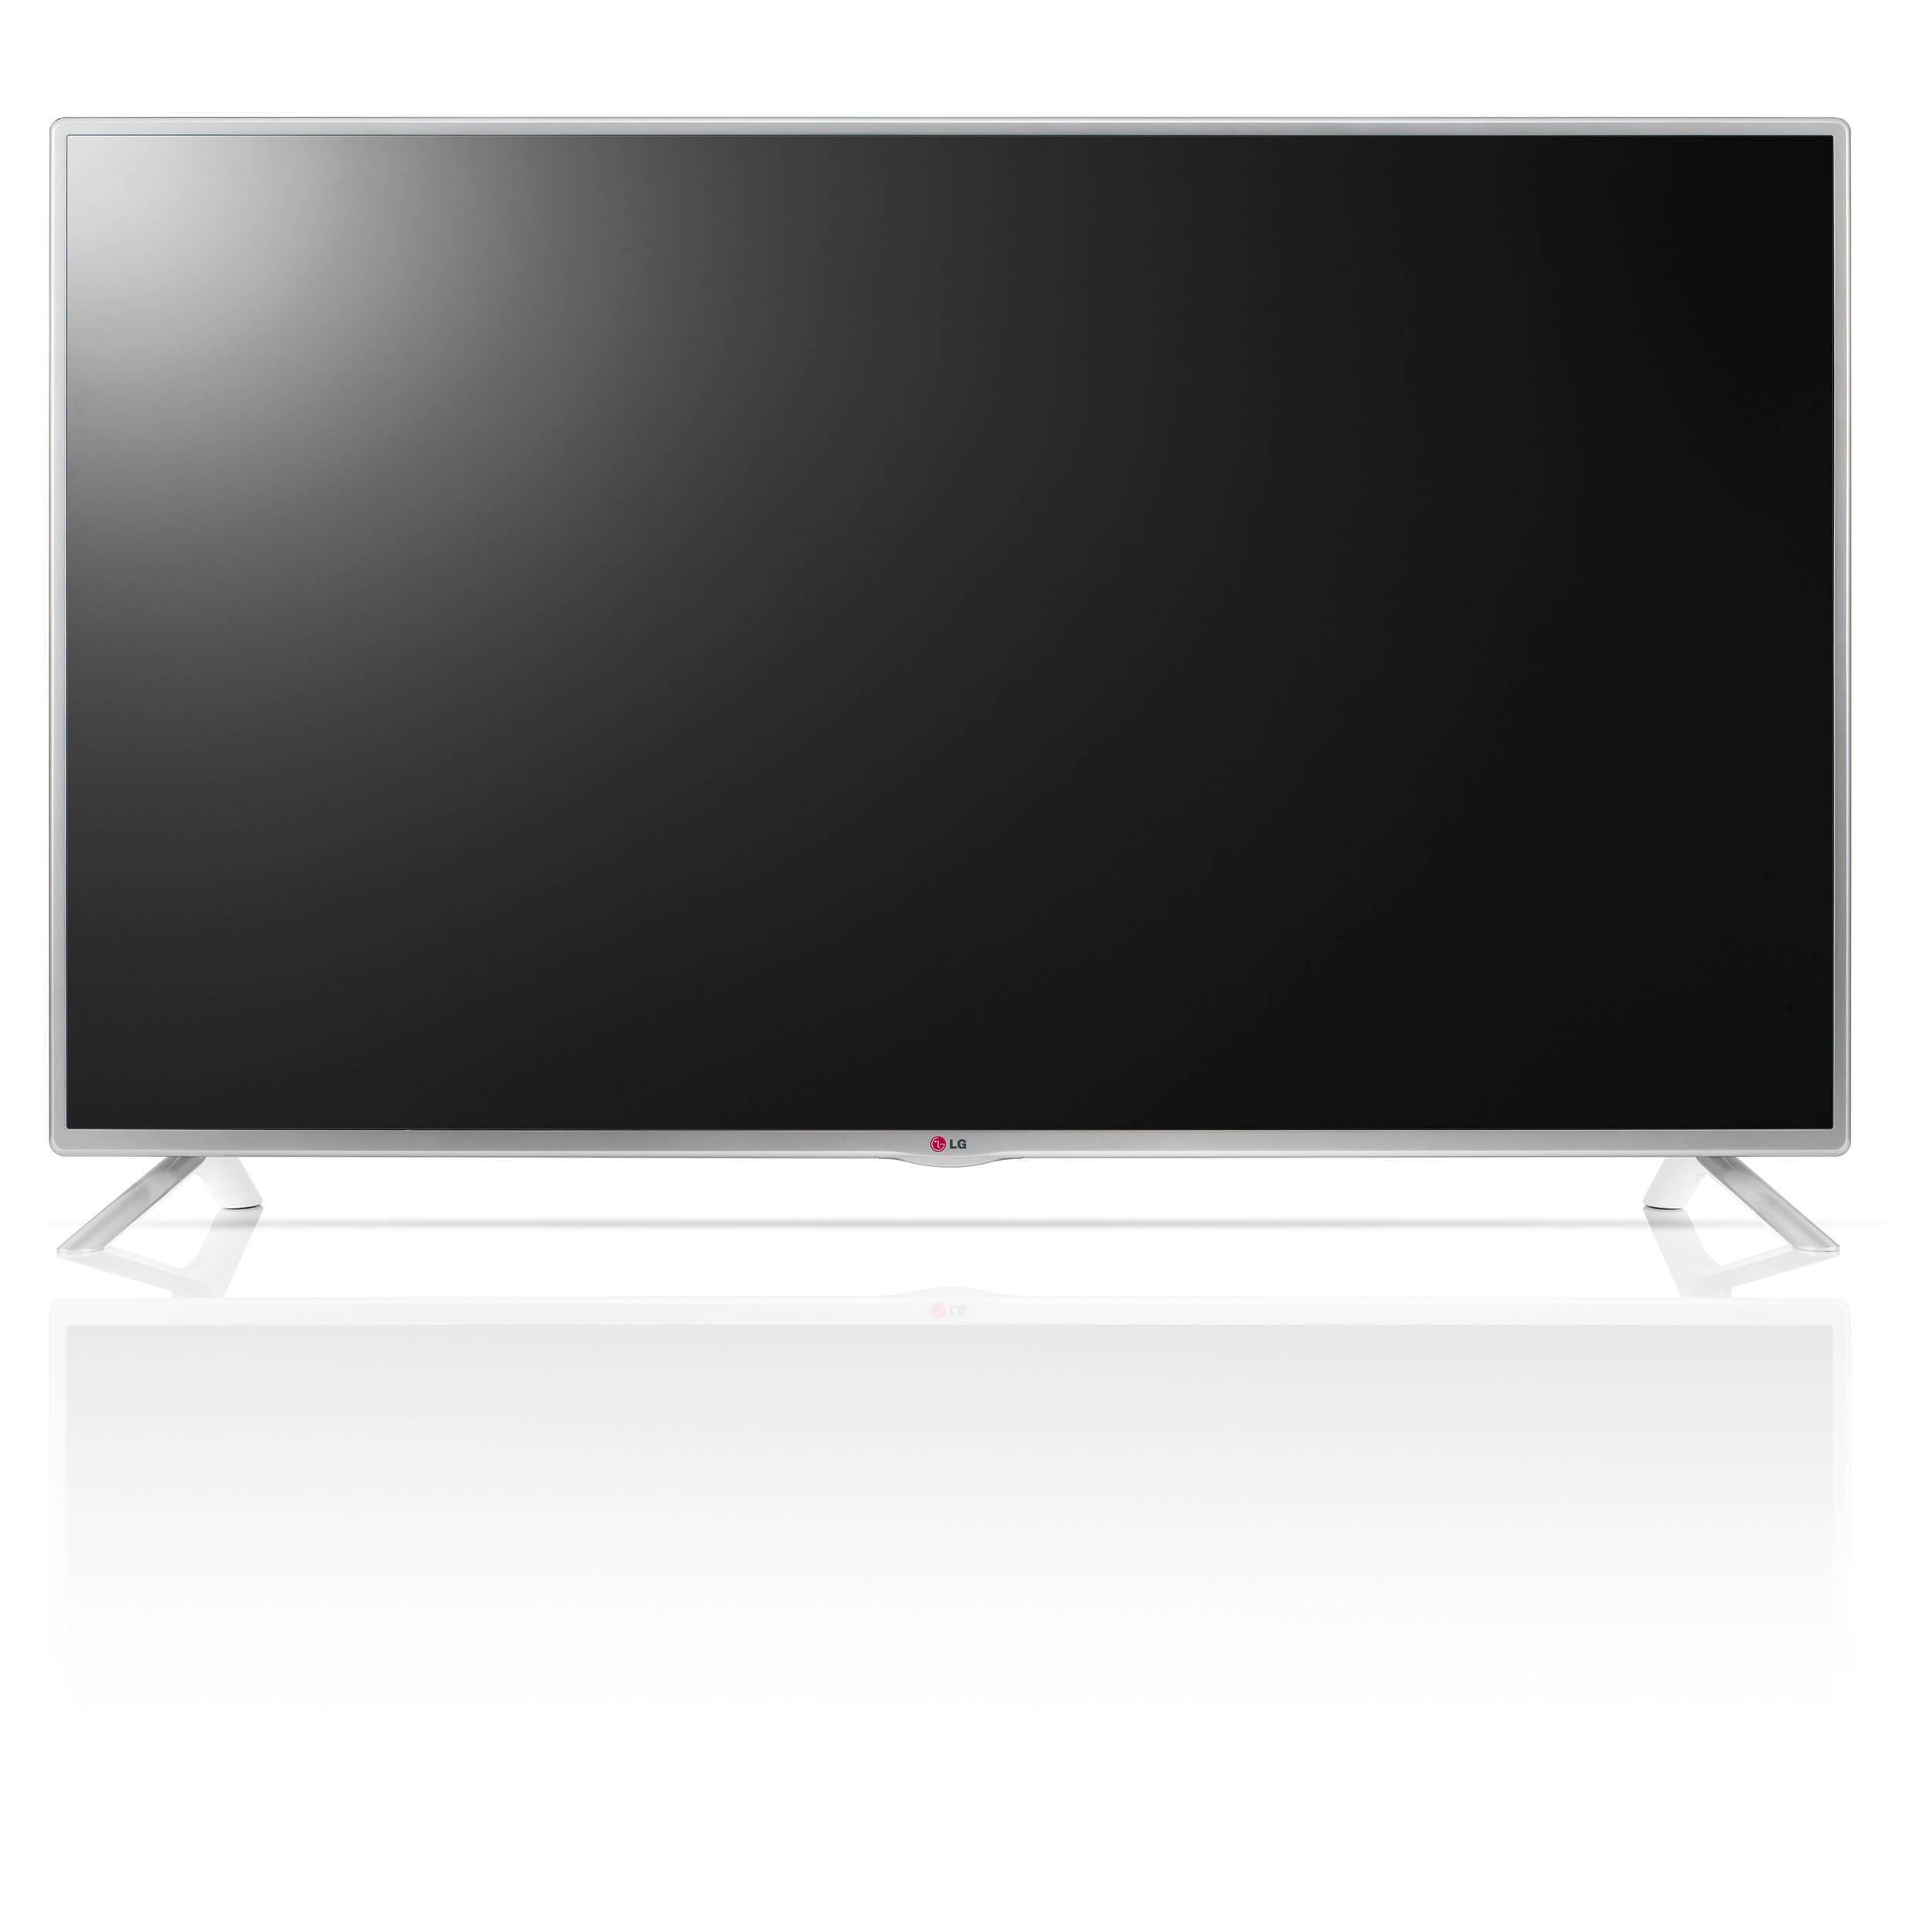 lg tv white. lg lb5800 series 39\ lg tv white e